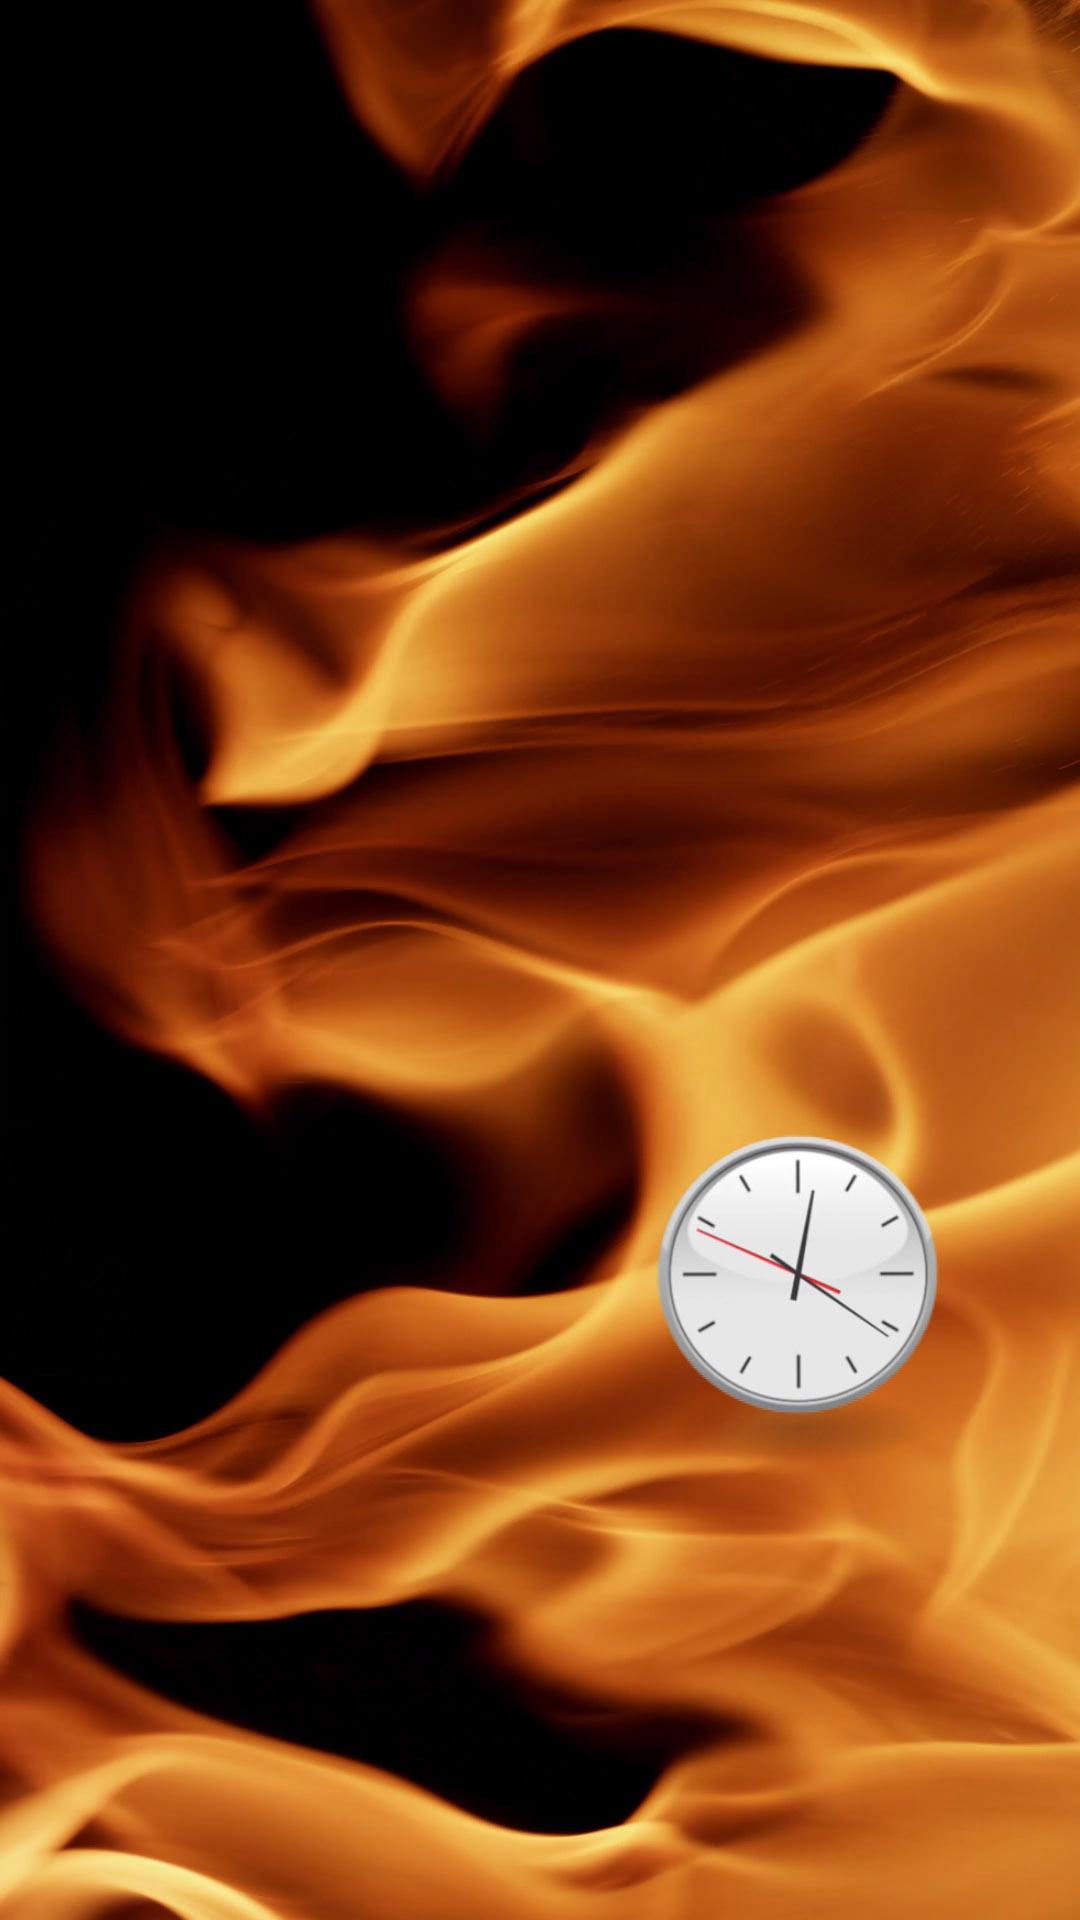 6_Flames_left_still